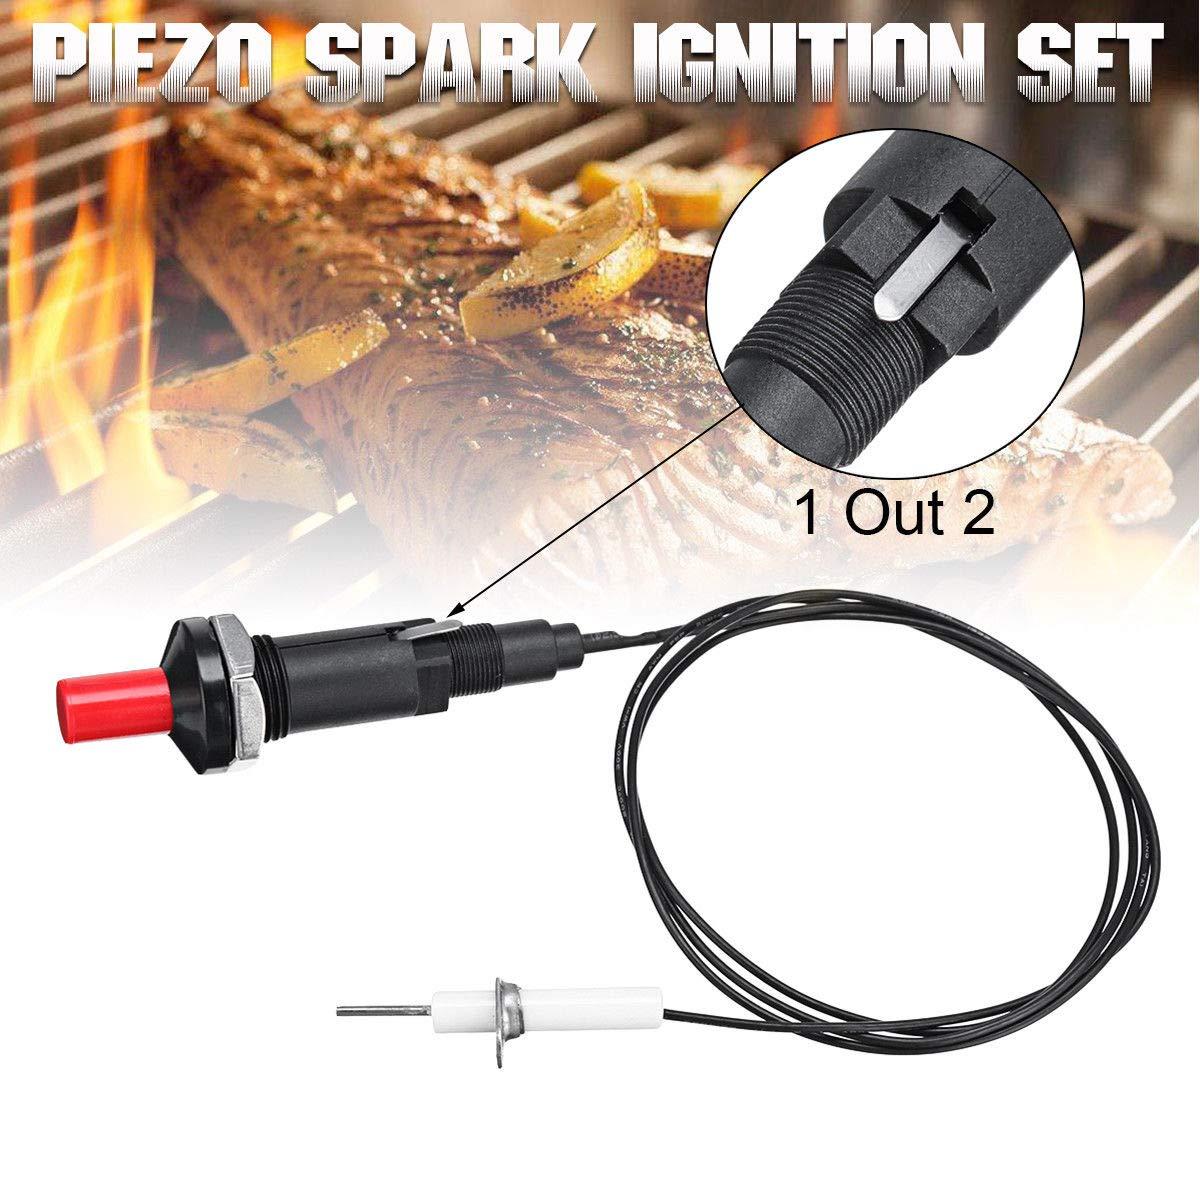 Piezo - Encendido de bujías universal con botón de encendido para parrilla de gas para barbacoa 2 unidades As Picture Show: Amazon.es: Hogar